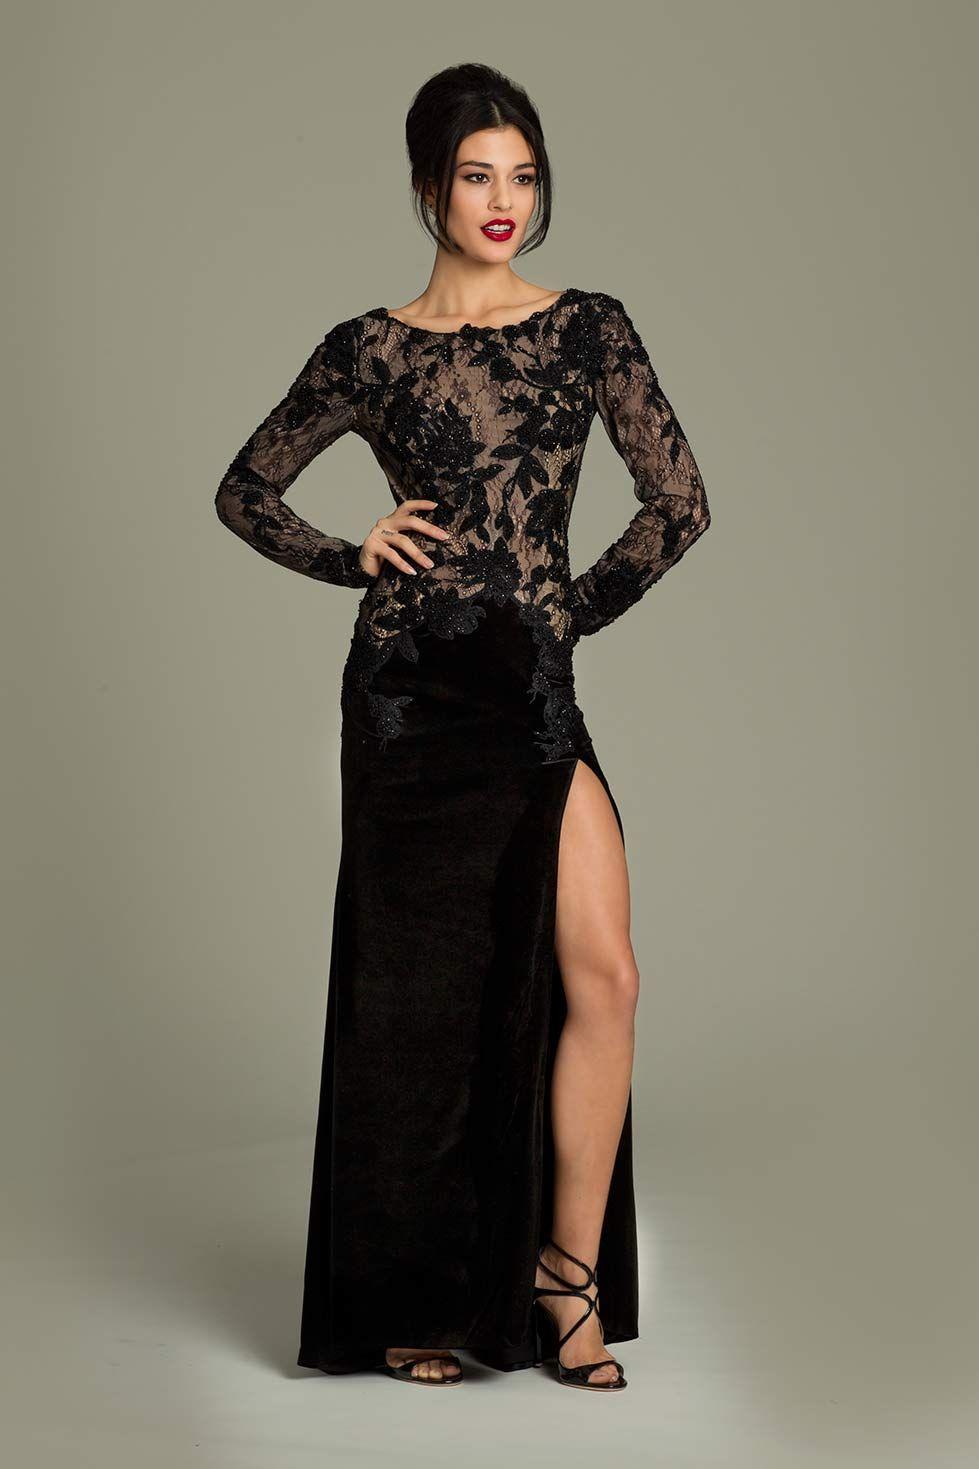 Velvet and lace jovani gown bon vivant pinterest gowns black